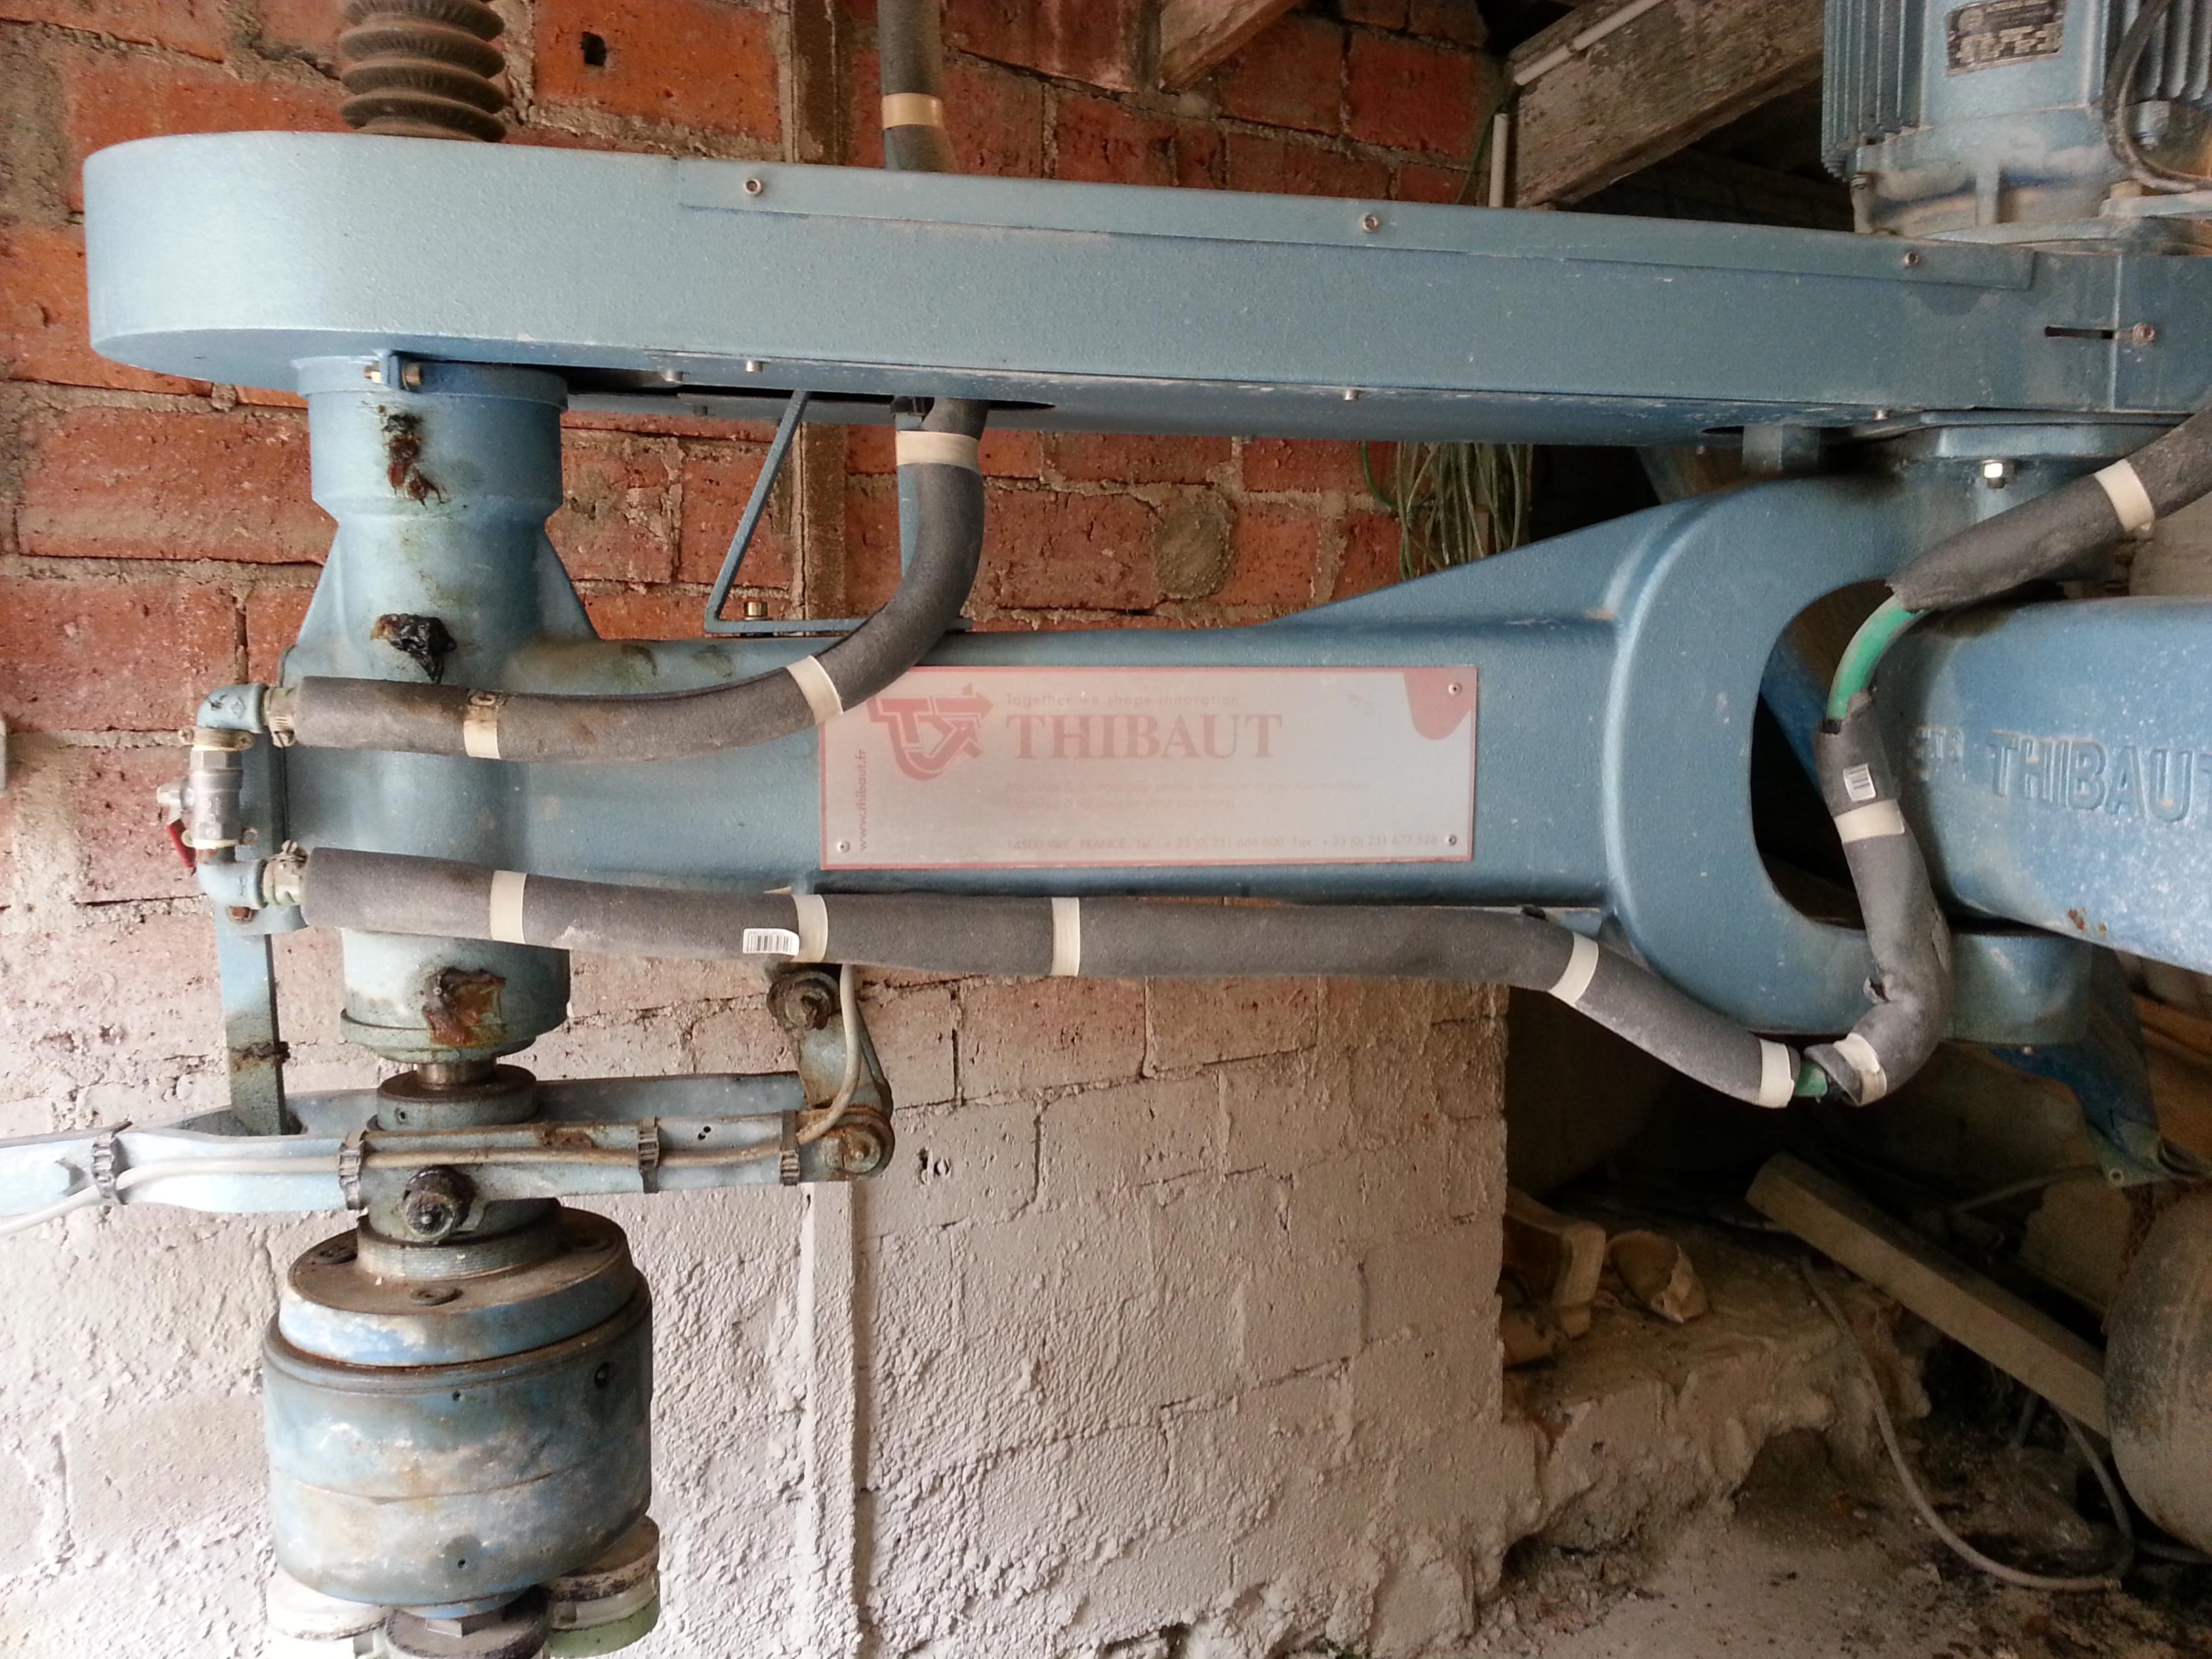 Pollisseuse marbre thibaut machines d 39 occasion exapro for Materiel de carrelage